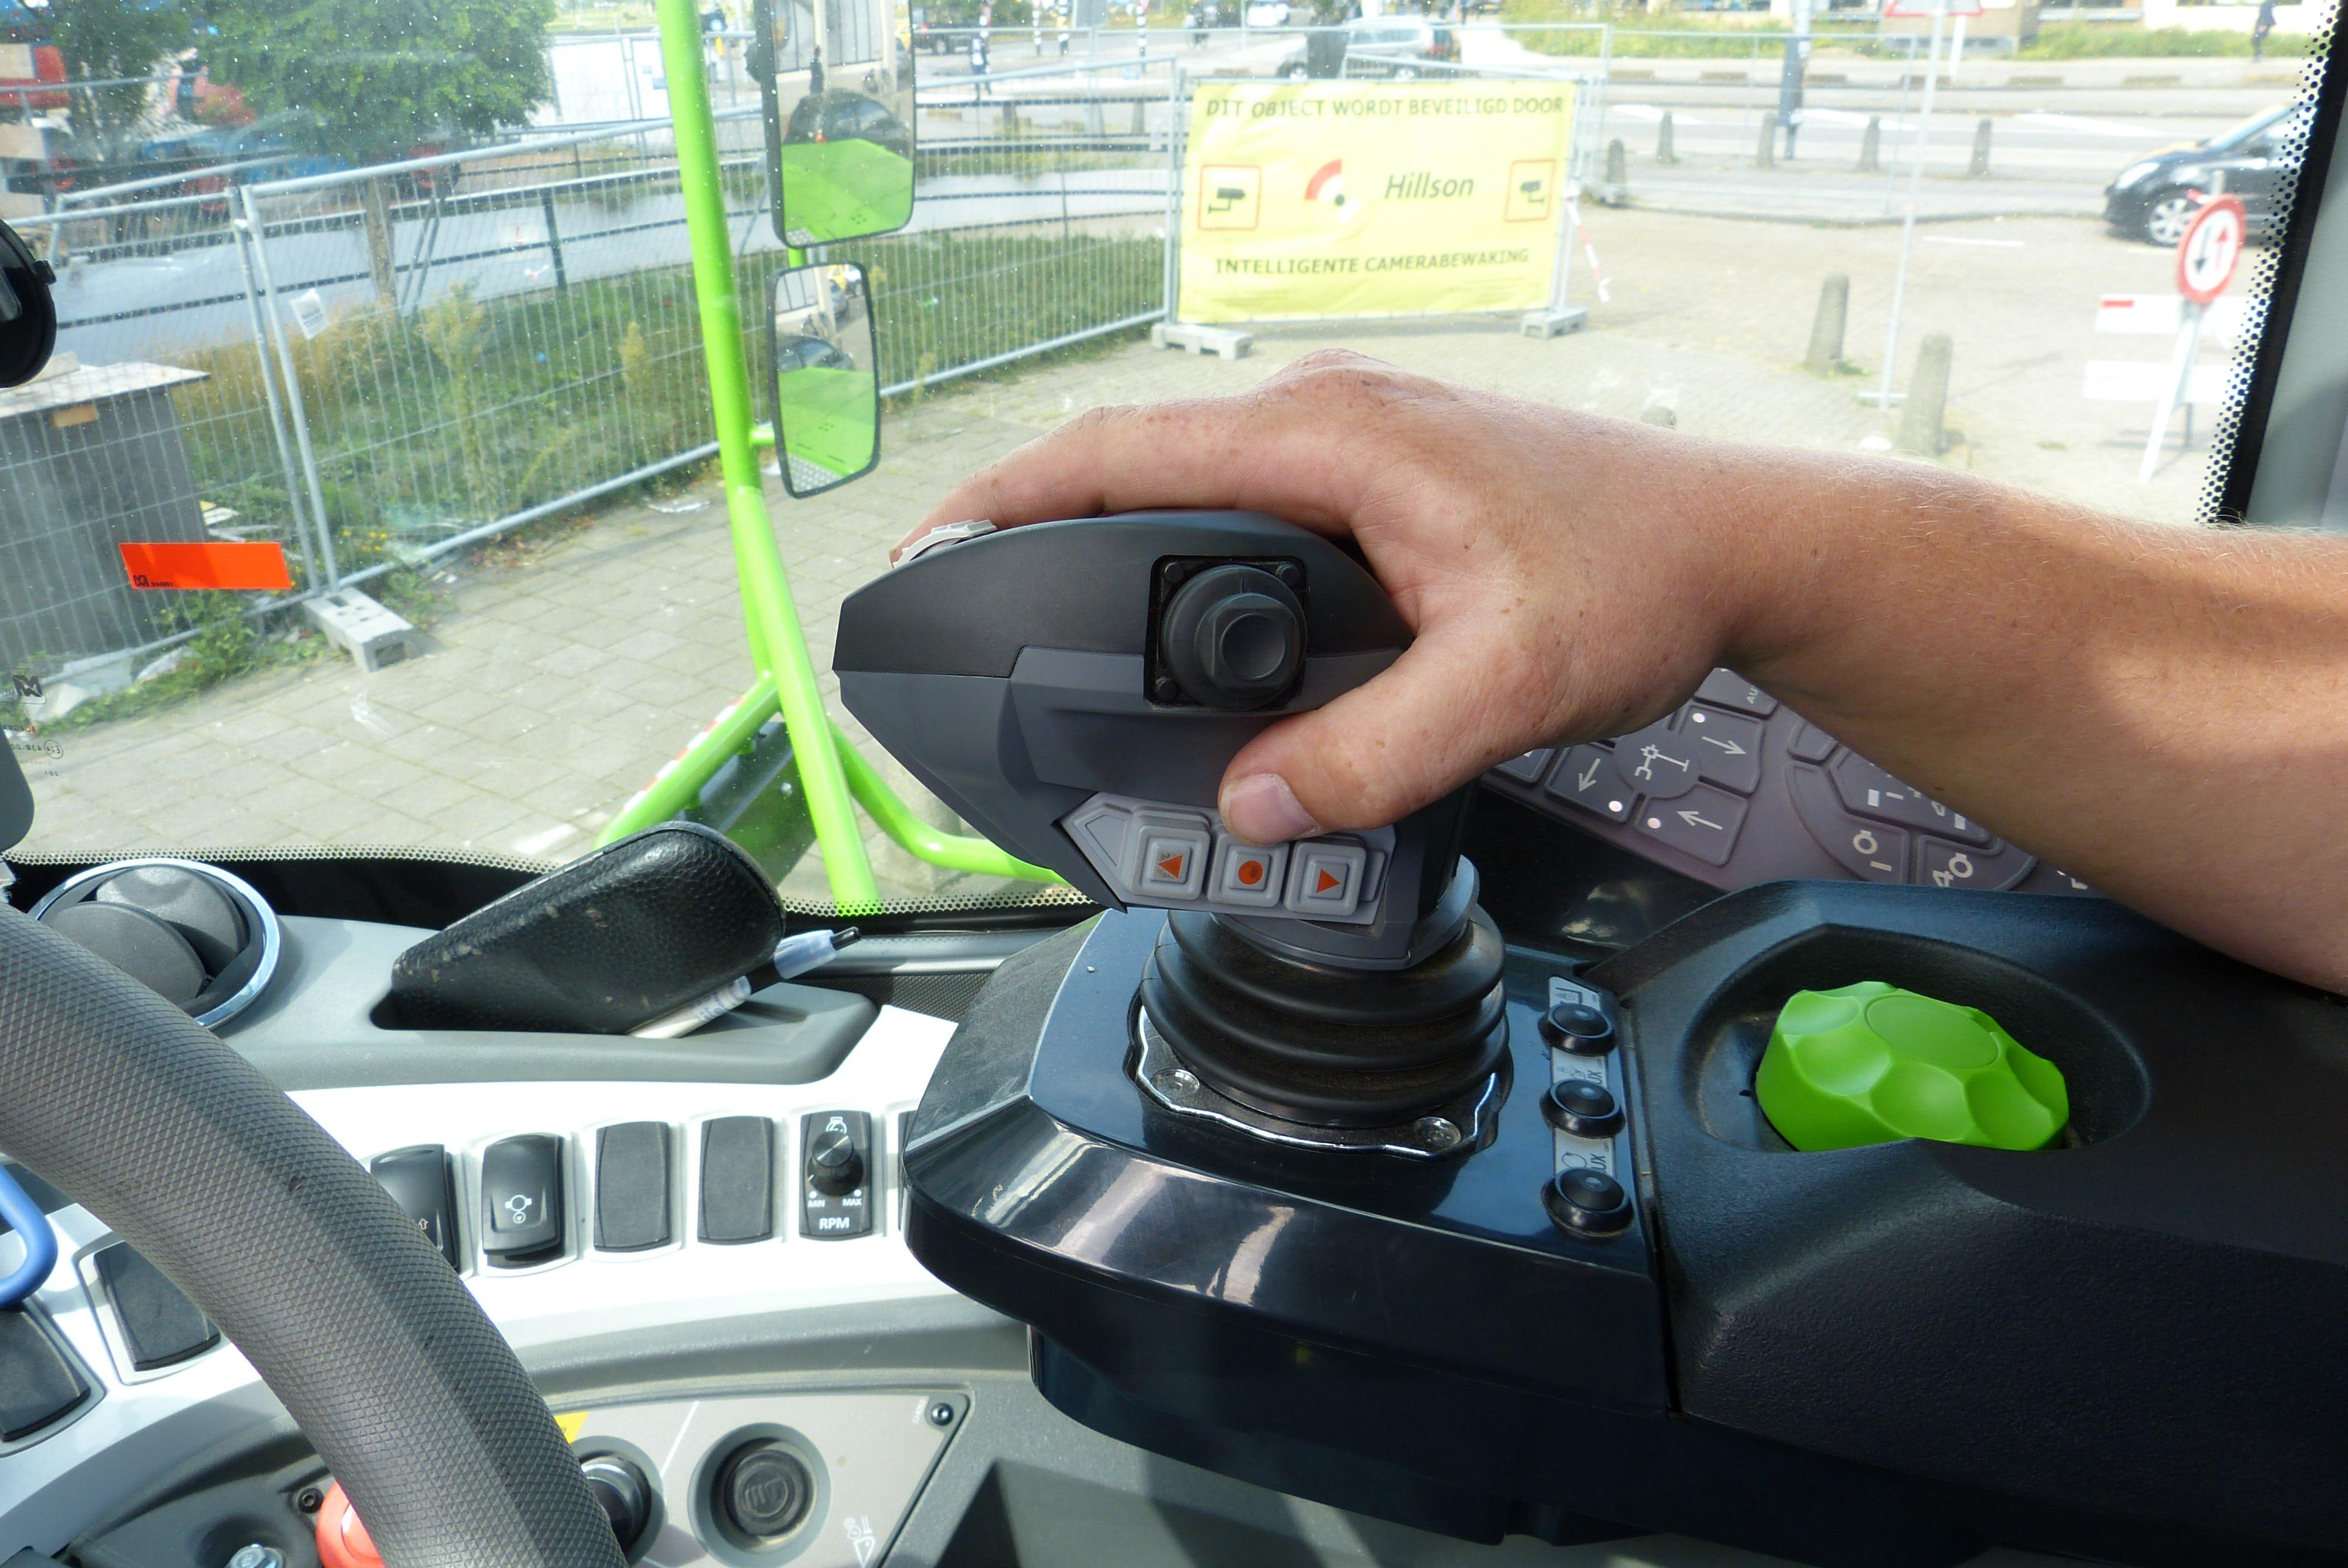 De joysticks liggen heerlijk in de hand. Ze zijn gemaakt van zacht materiaal en de knoppen zitten op de juiste plek.